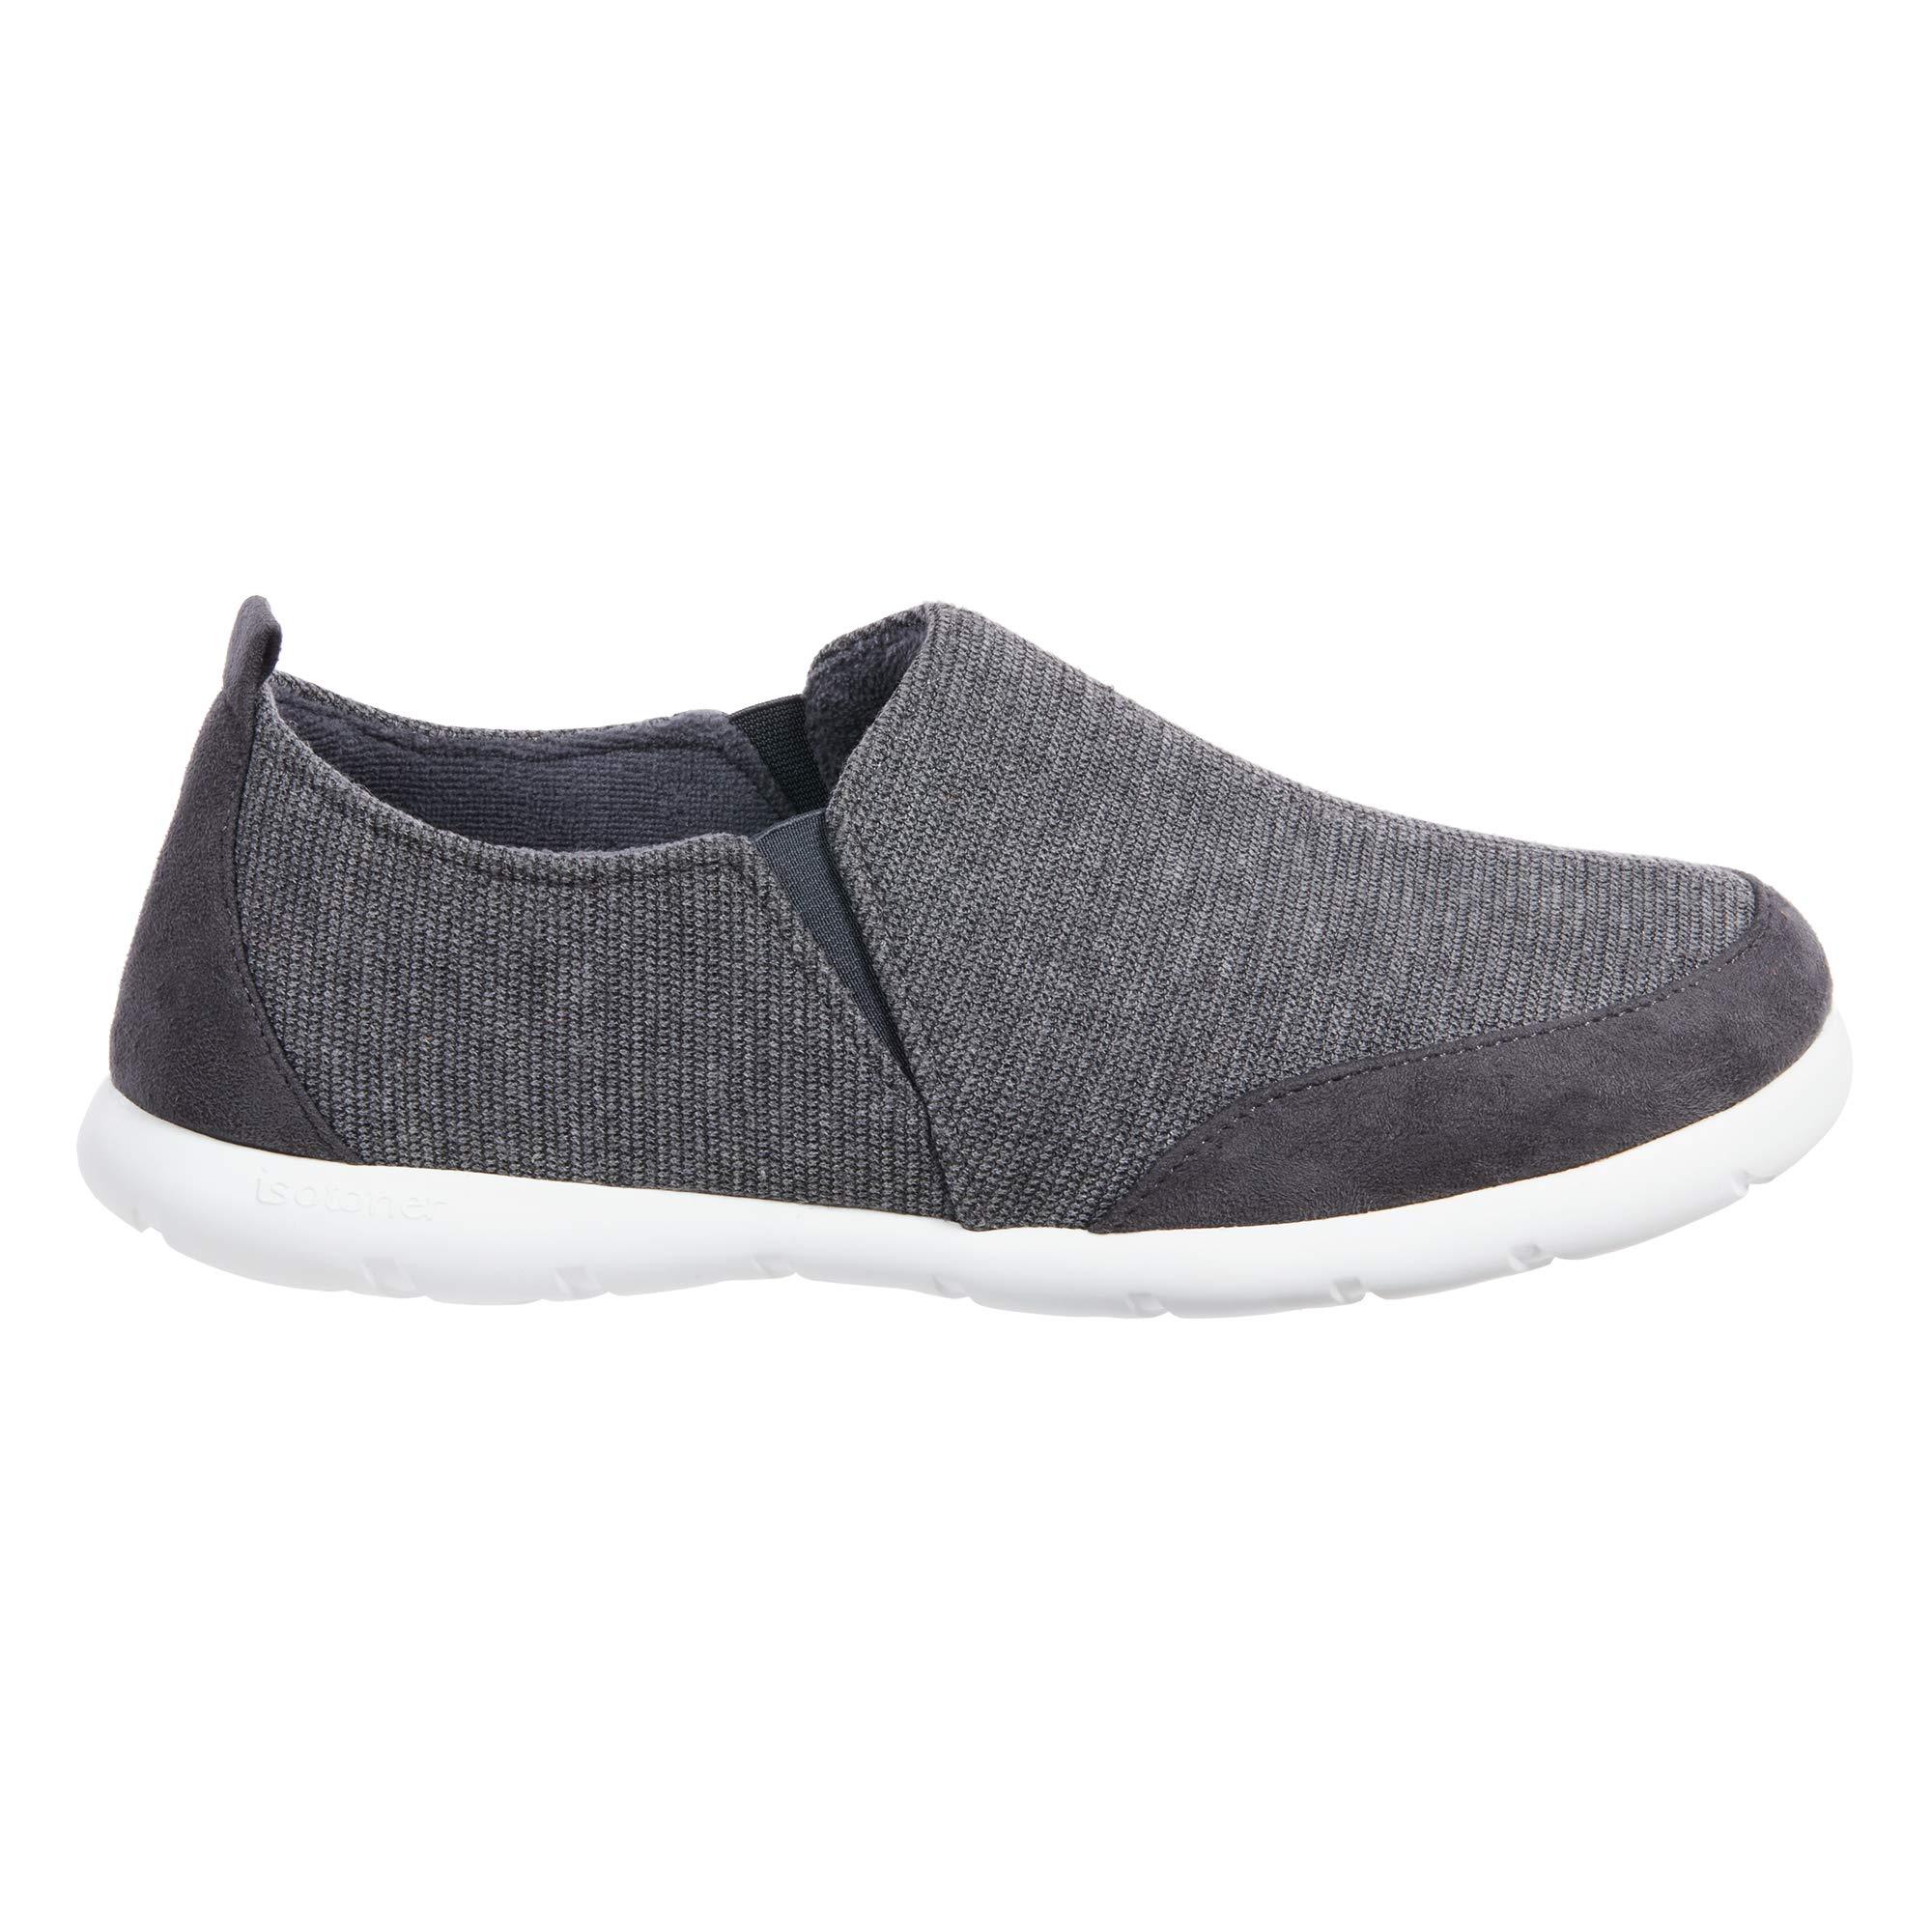 ISOTONER Zenz Men's Sport Knit Slip-On Walking Shoe, 11US, Mineral